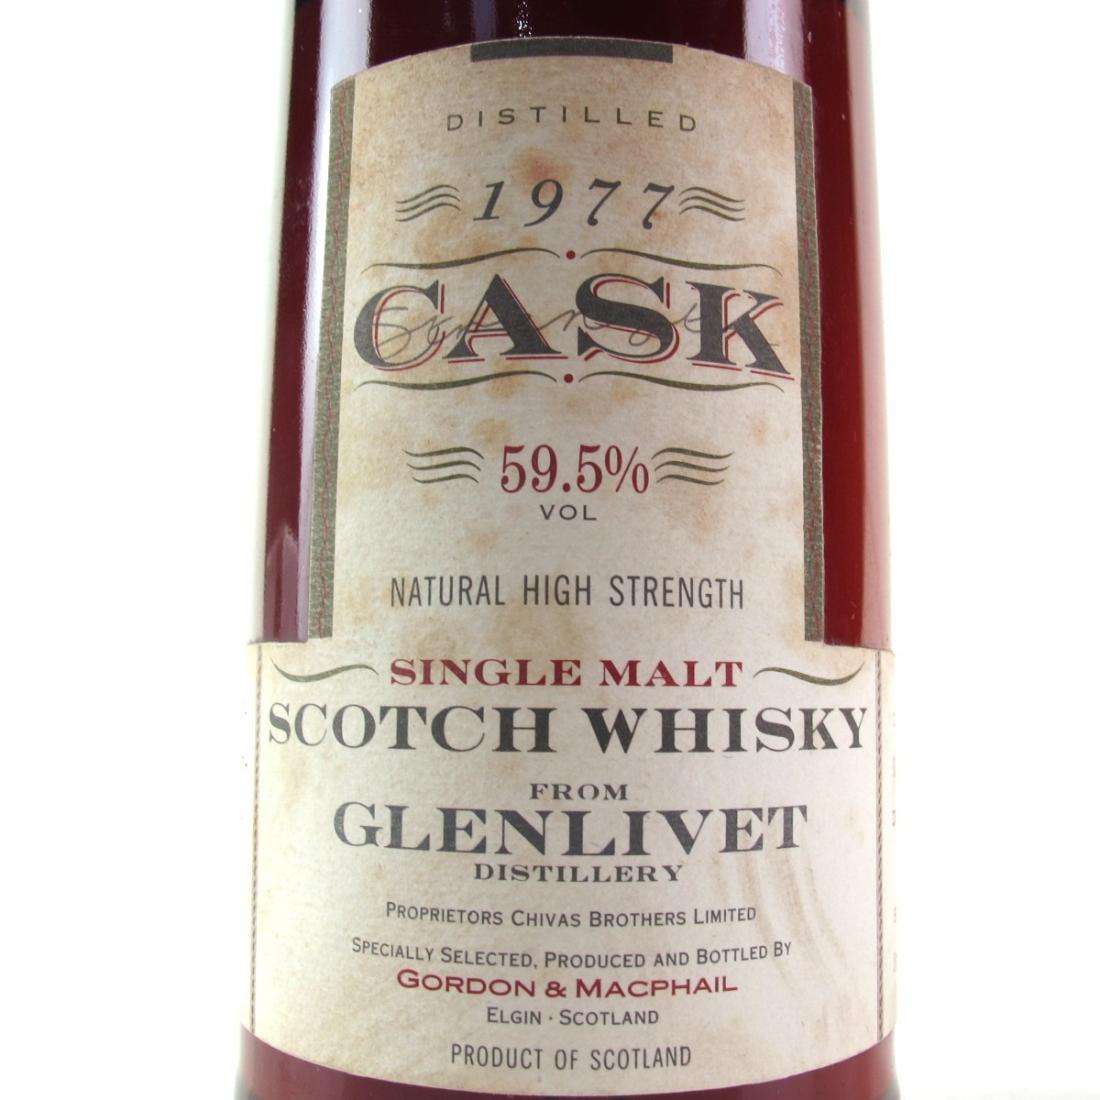 Glenlivet 1977 Gordon and MacPhail Cask Strength